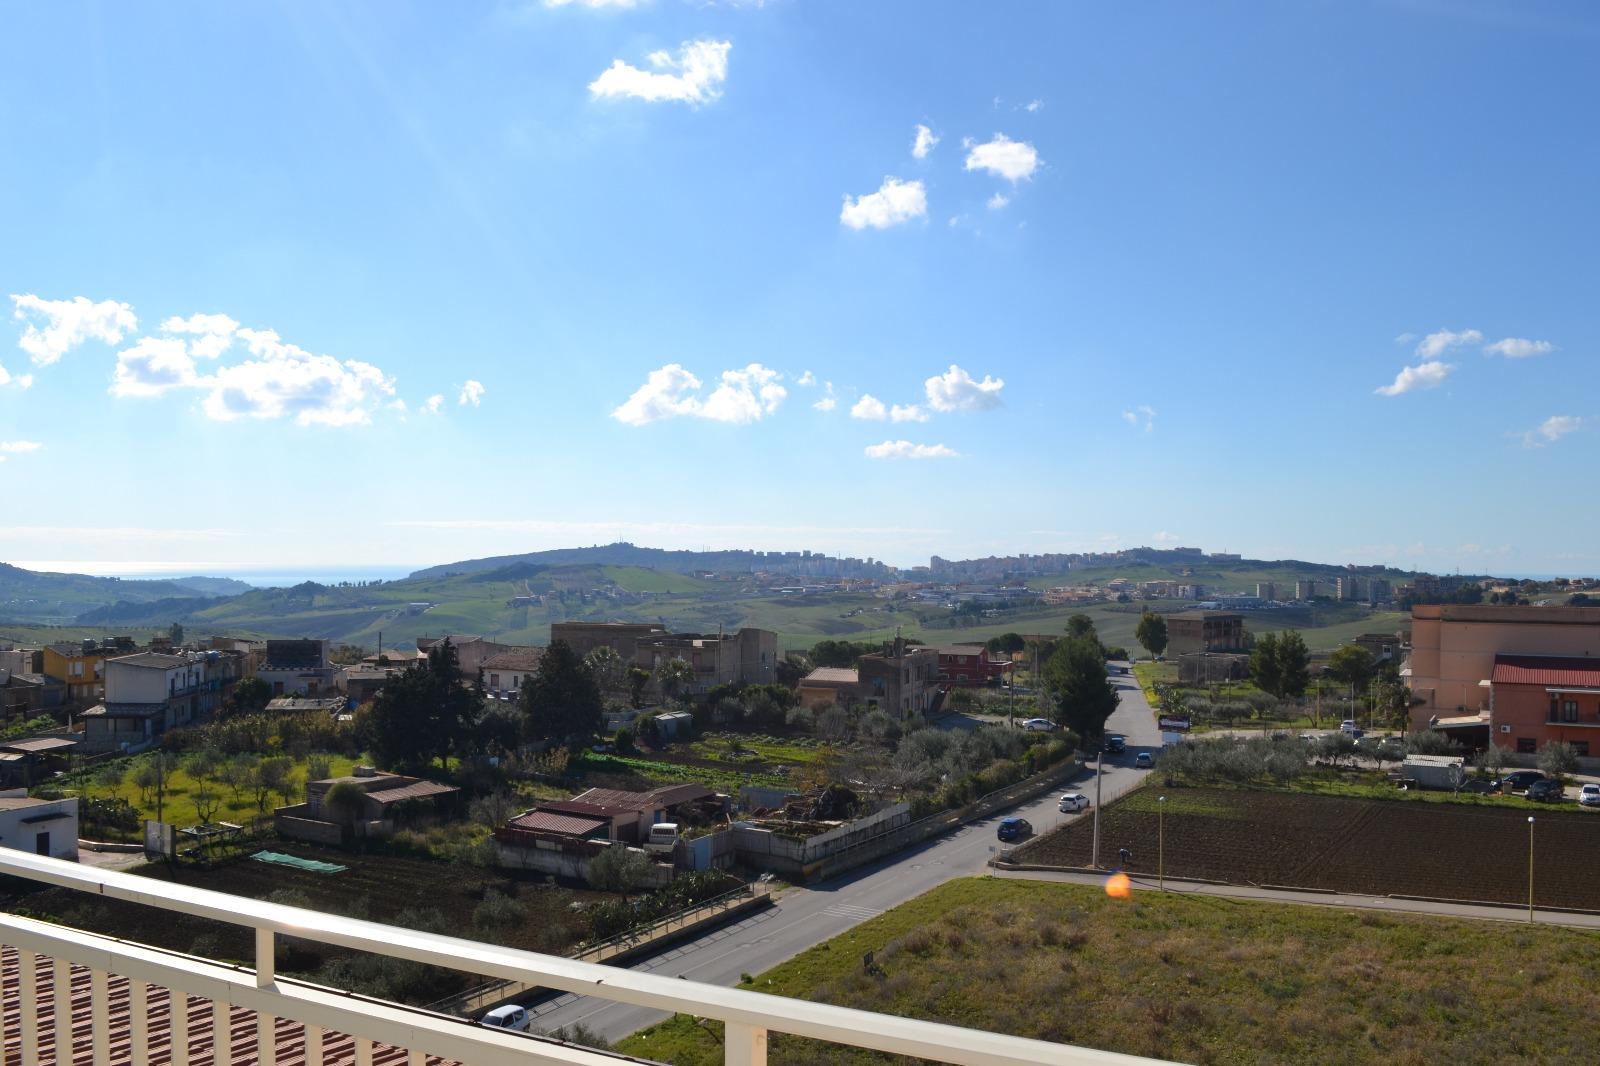 Appartamento in vendita a Agrigento, 4 locali, zona Località: SanMichele, prezzo € 65.000 | CambioCasa.it